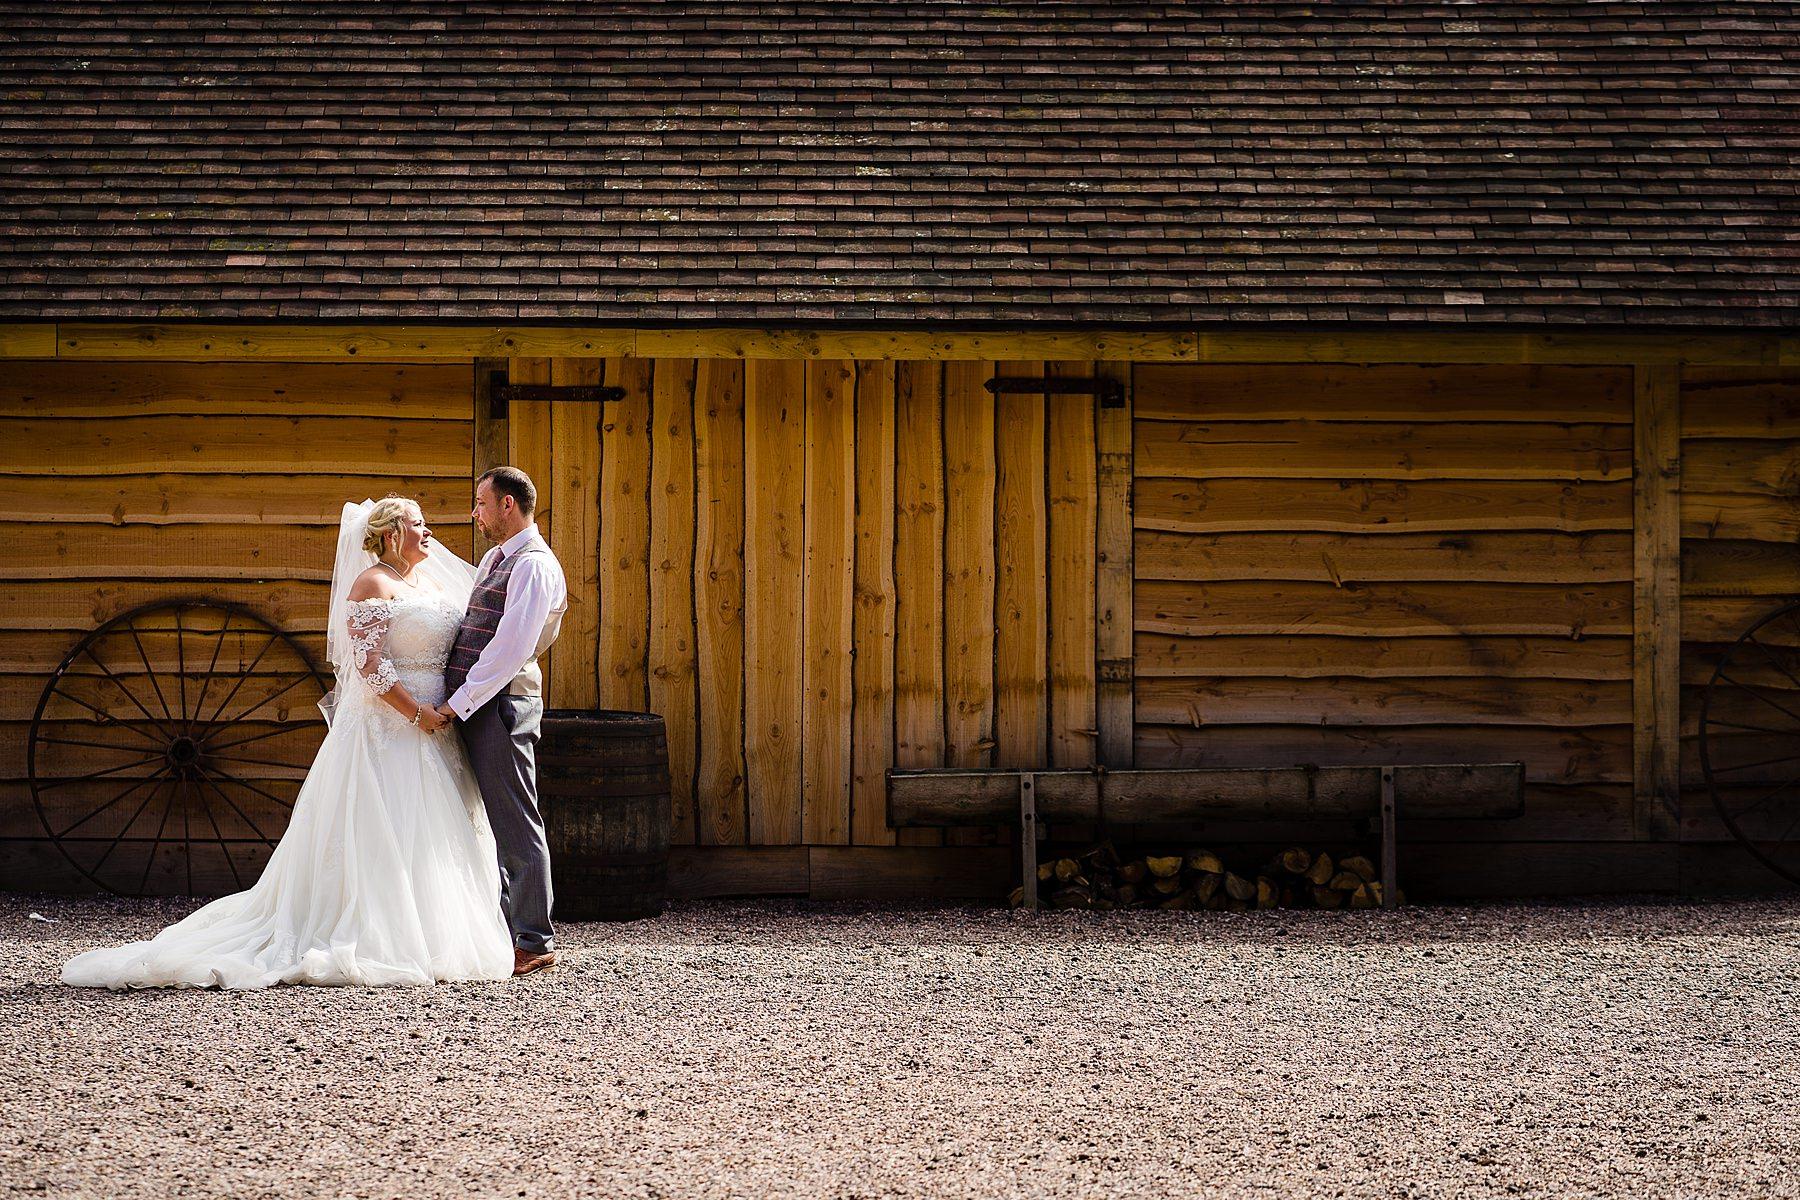 bride and groom photos at bridal barn